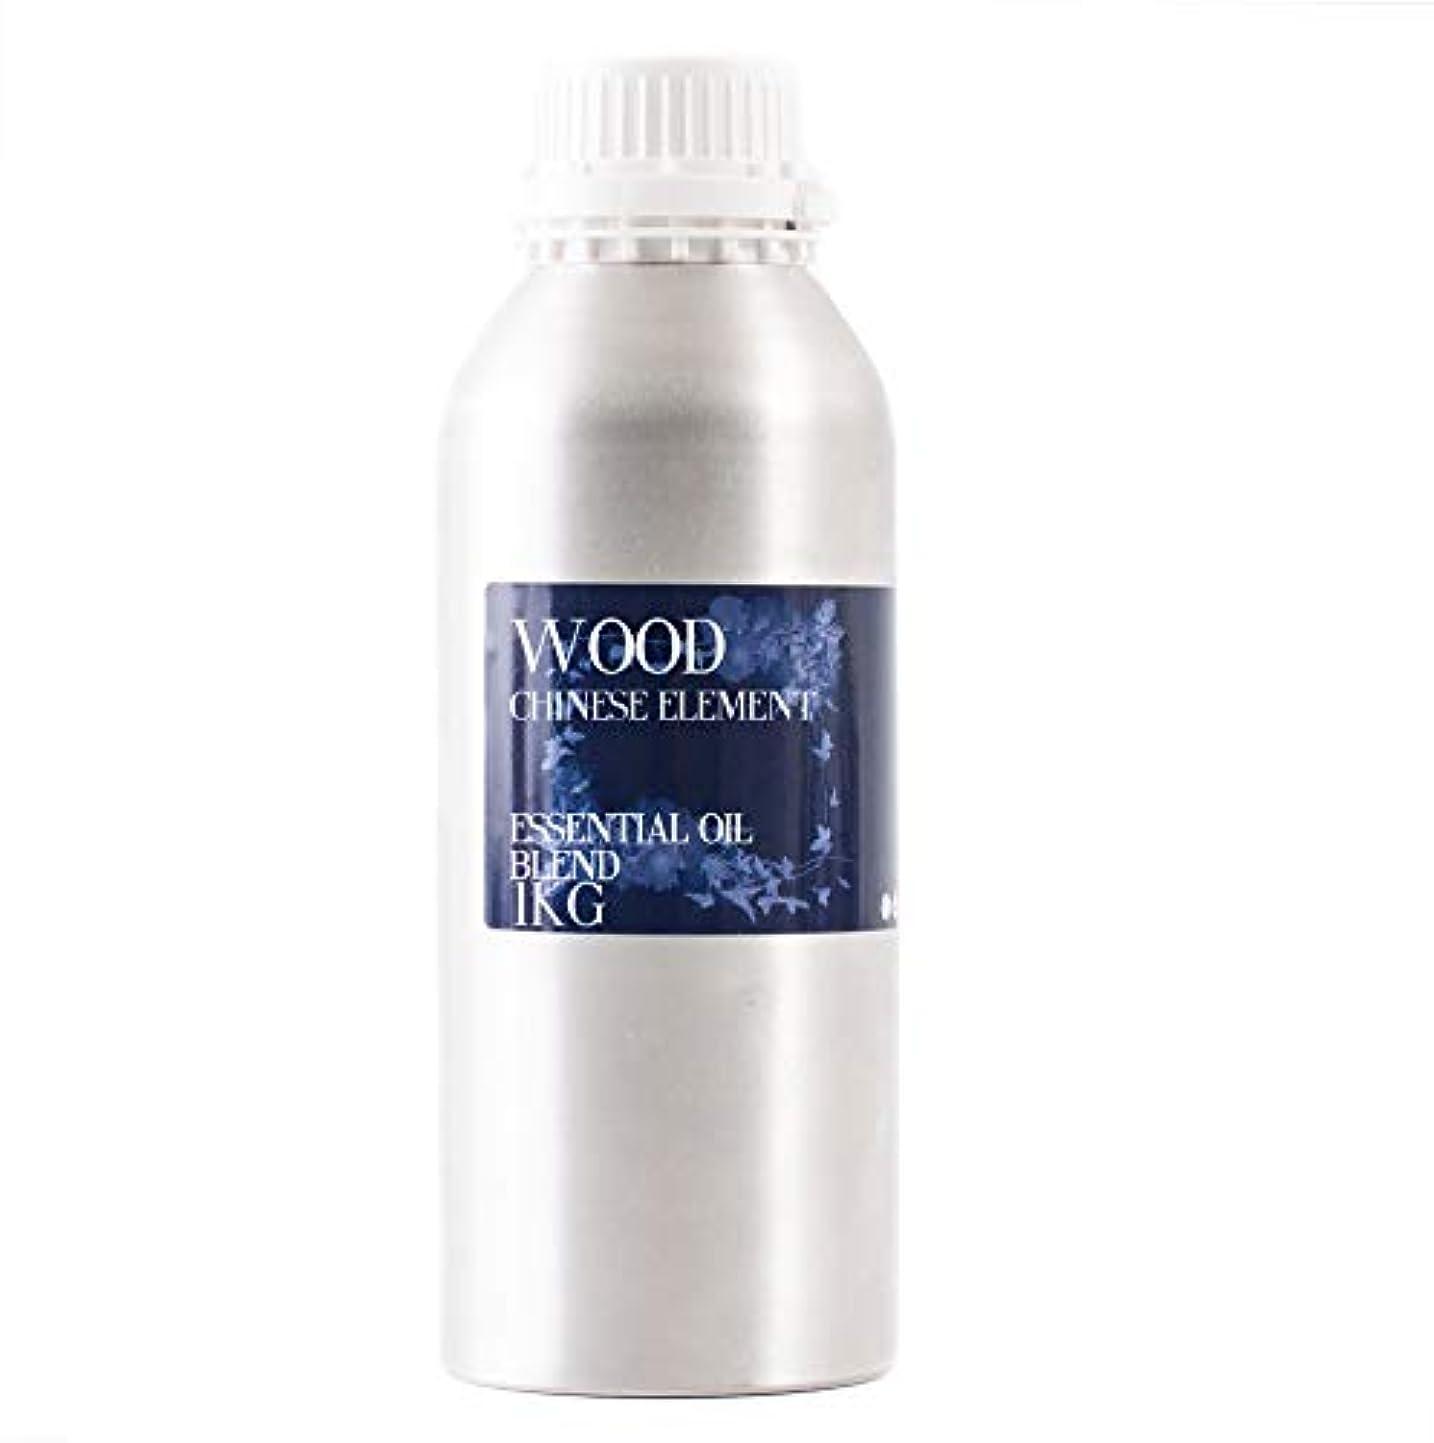 ハーブ浴くしゃくしゃMystix London | Chinese Wood Element Essential Oil Blend - 1Kg